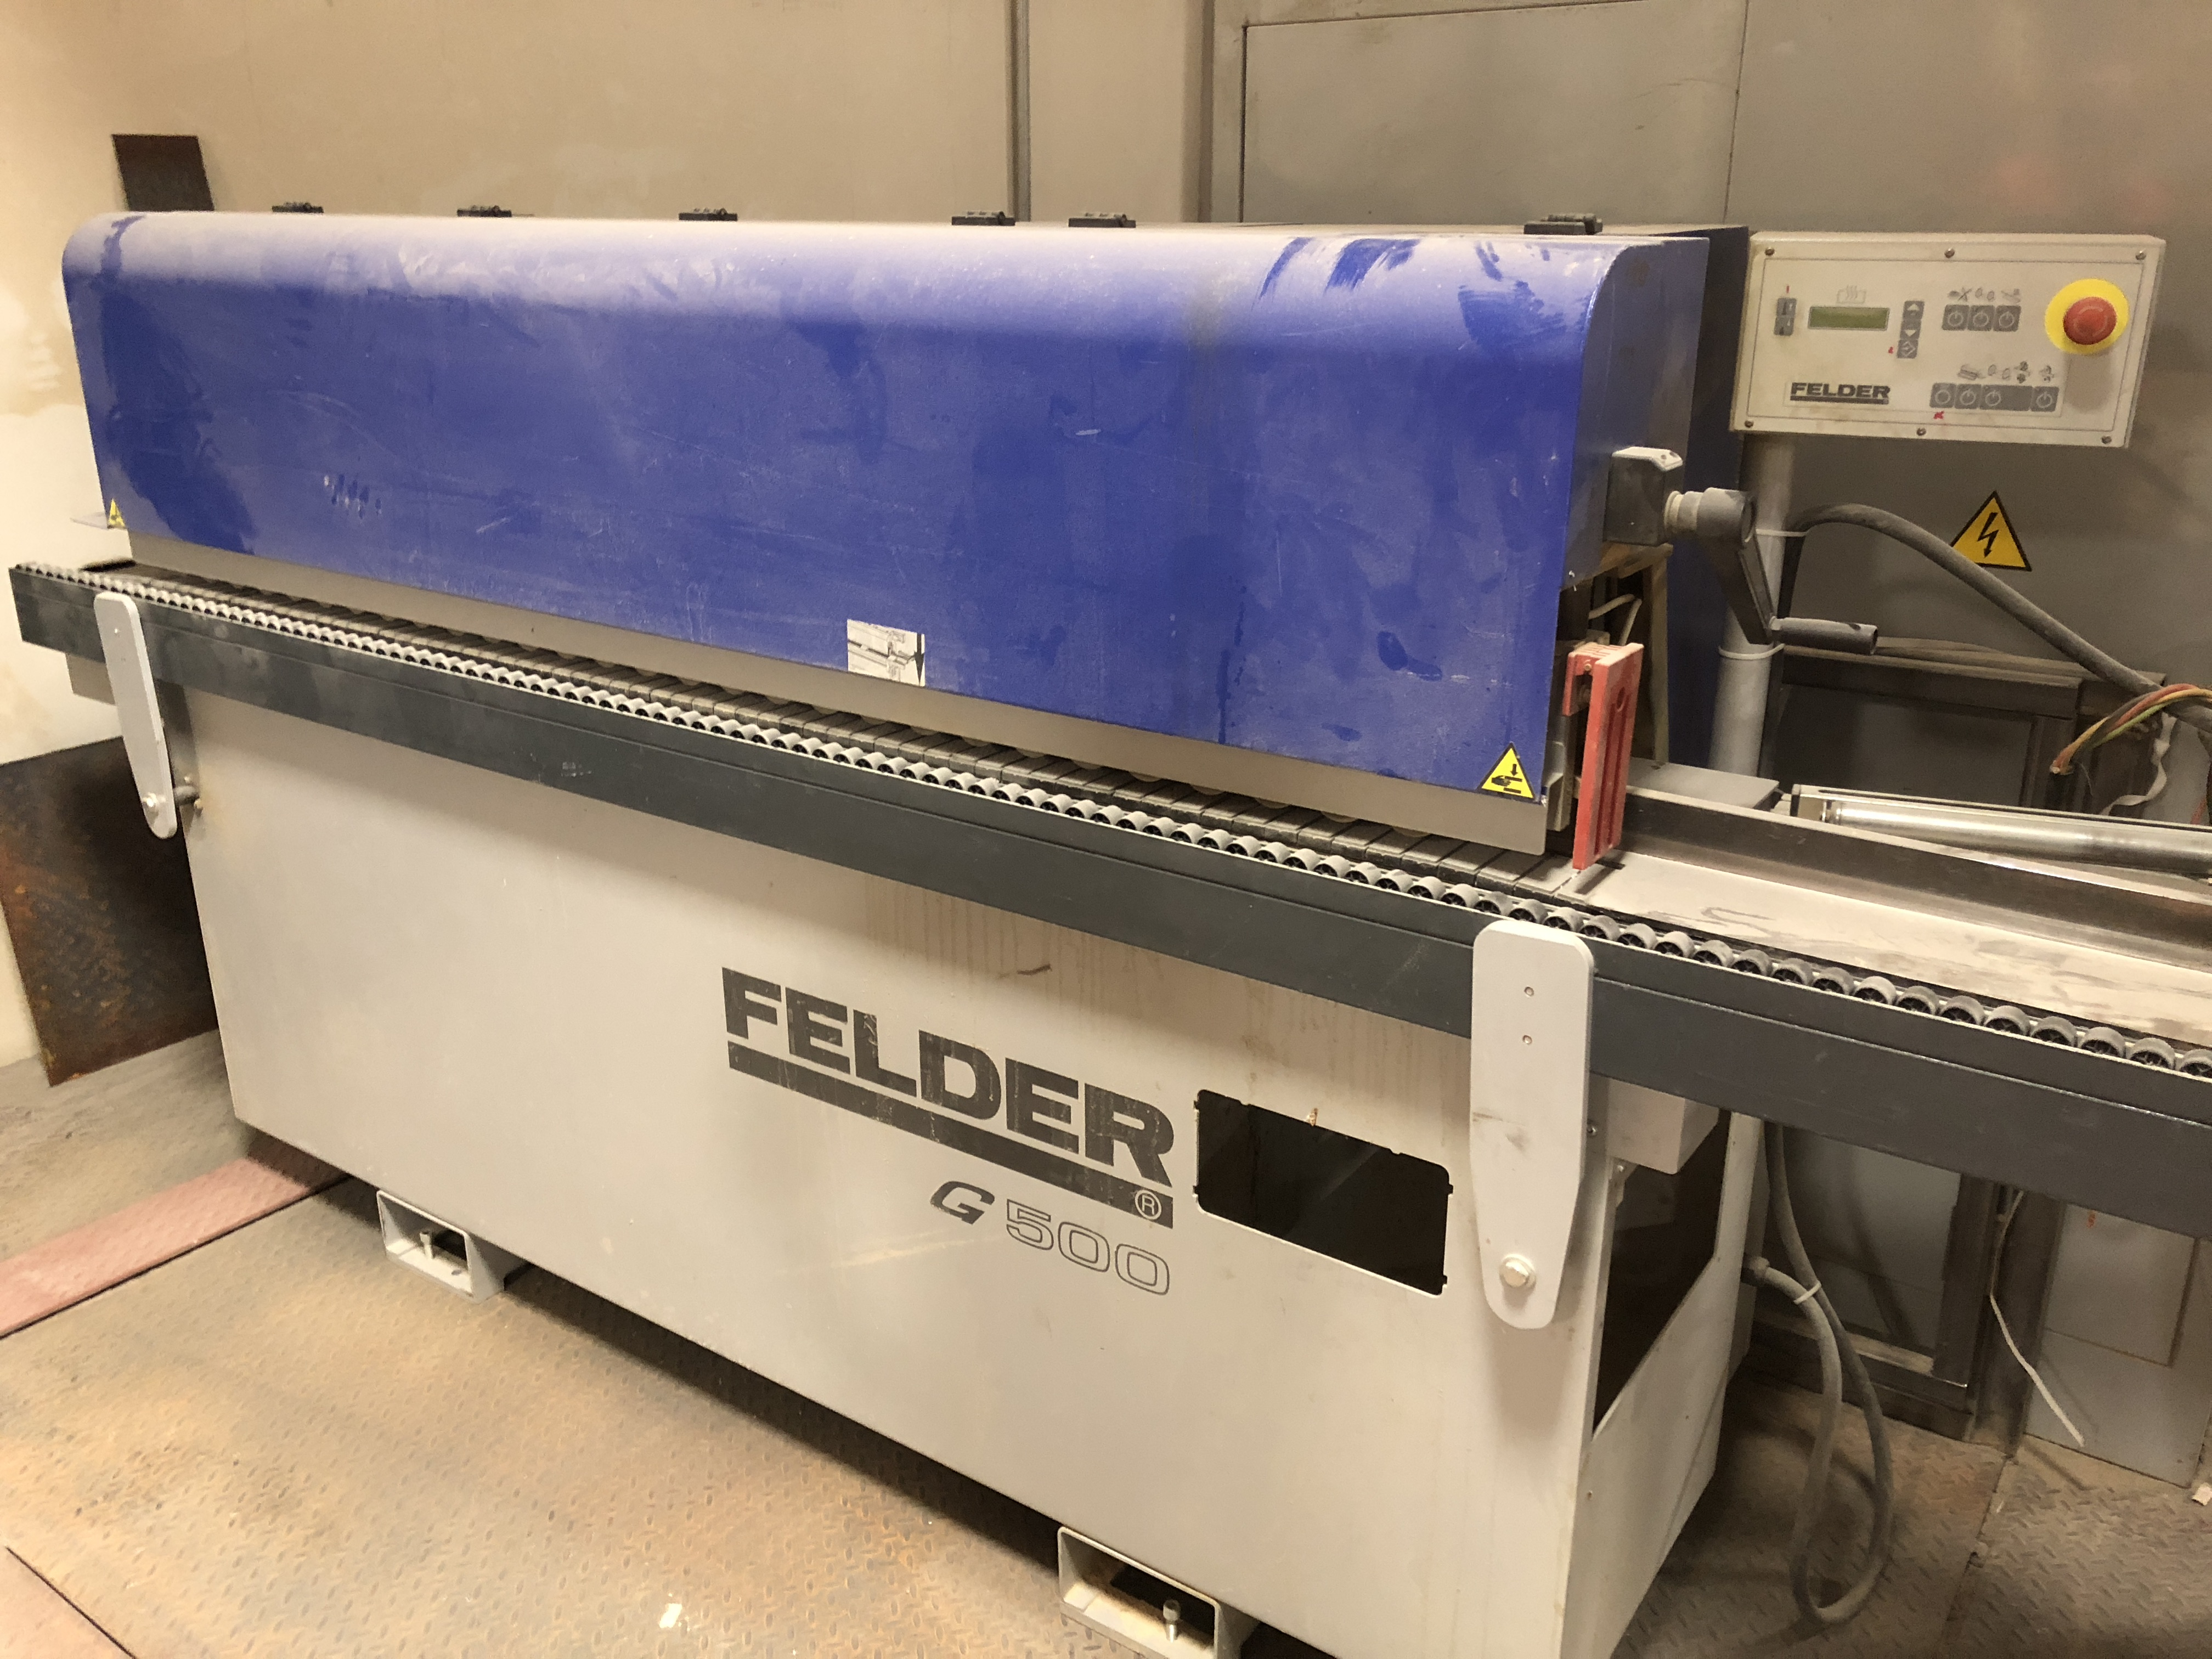 Lot 15 - 2012 FELDER (G500) EDGEBANDER